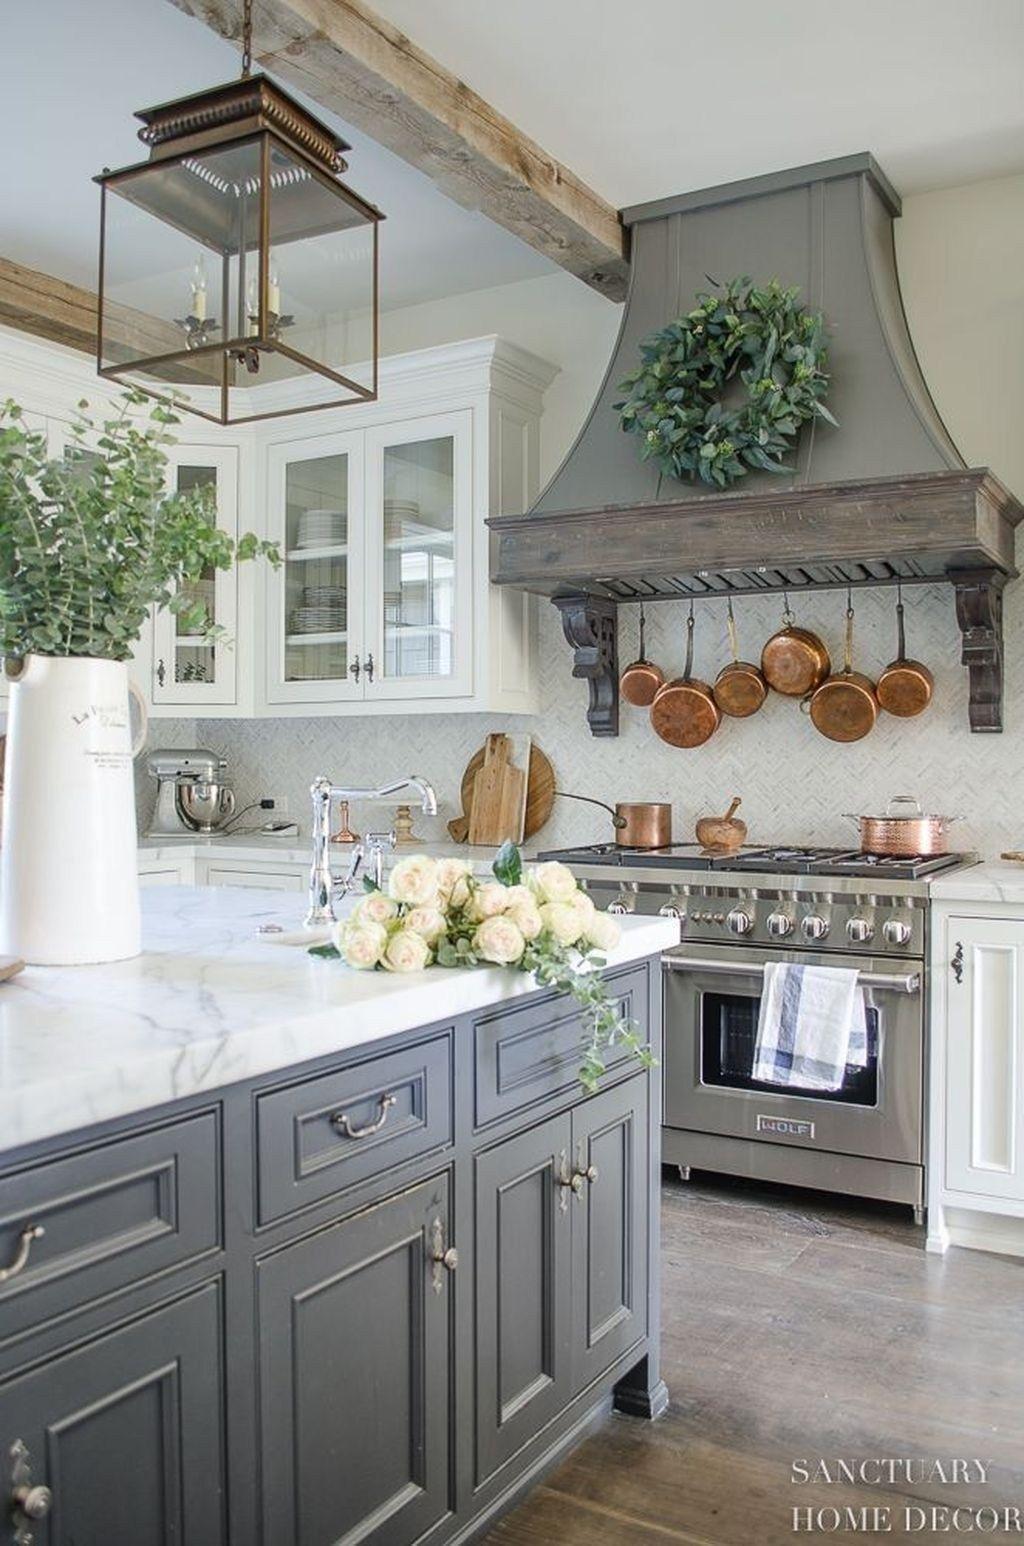 31 Amazing White Kitchen Ideas With Farmhouse Style ...